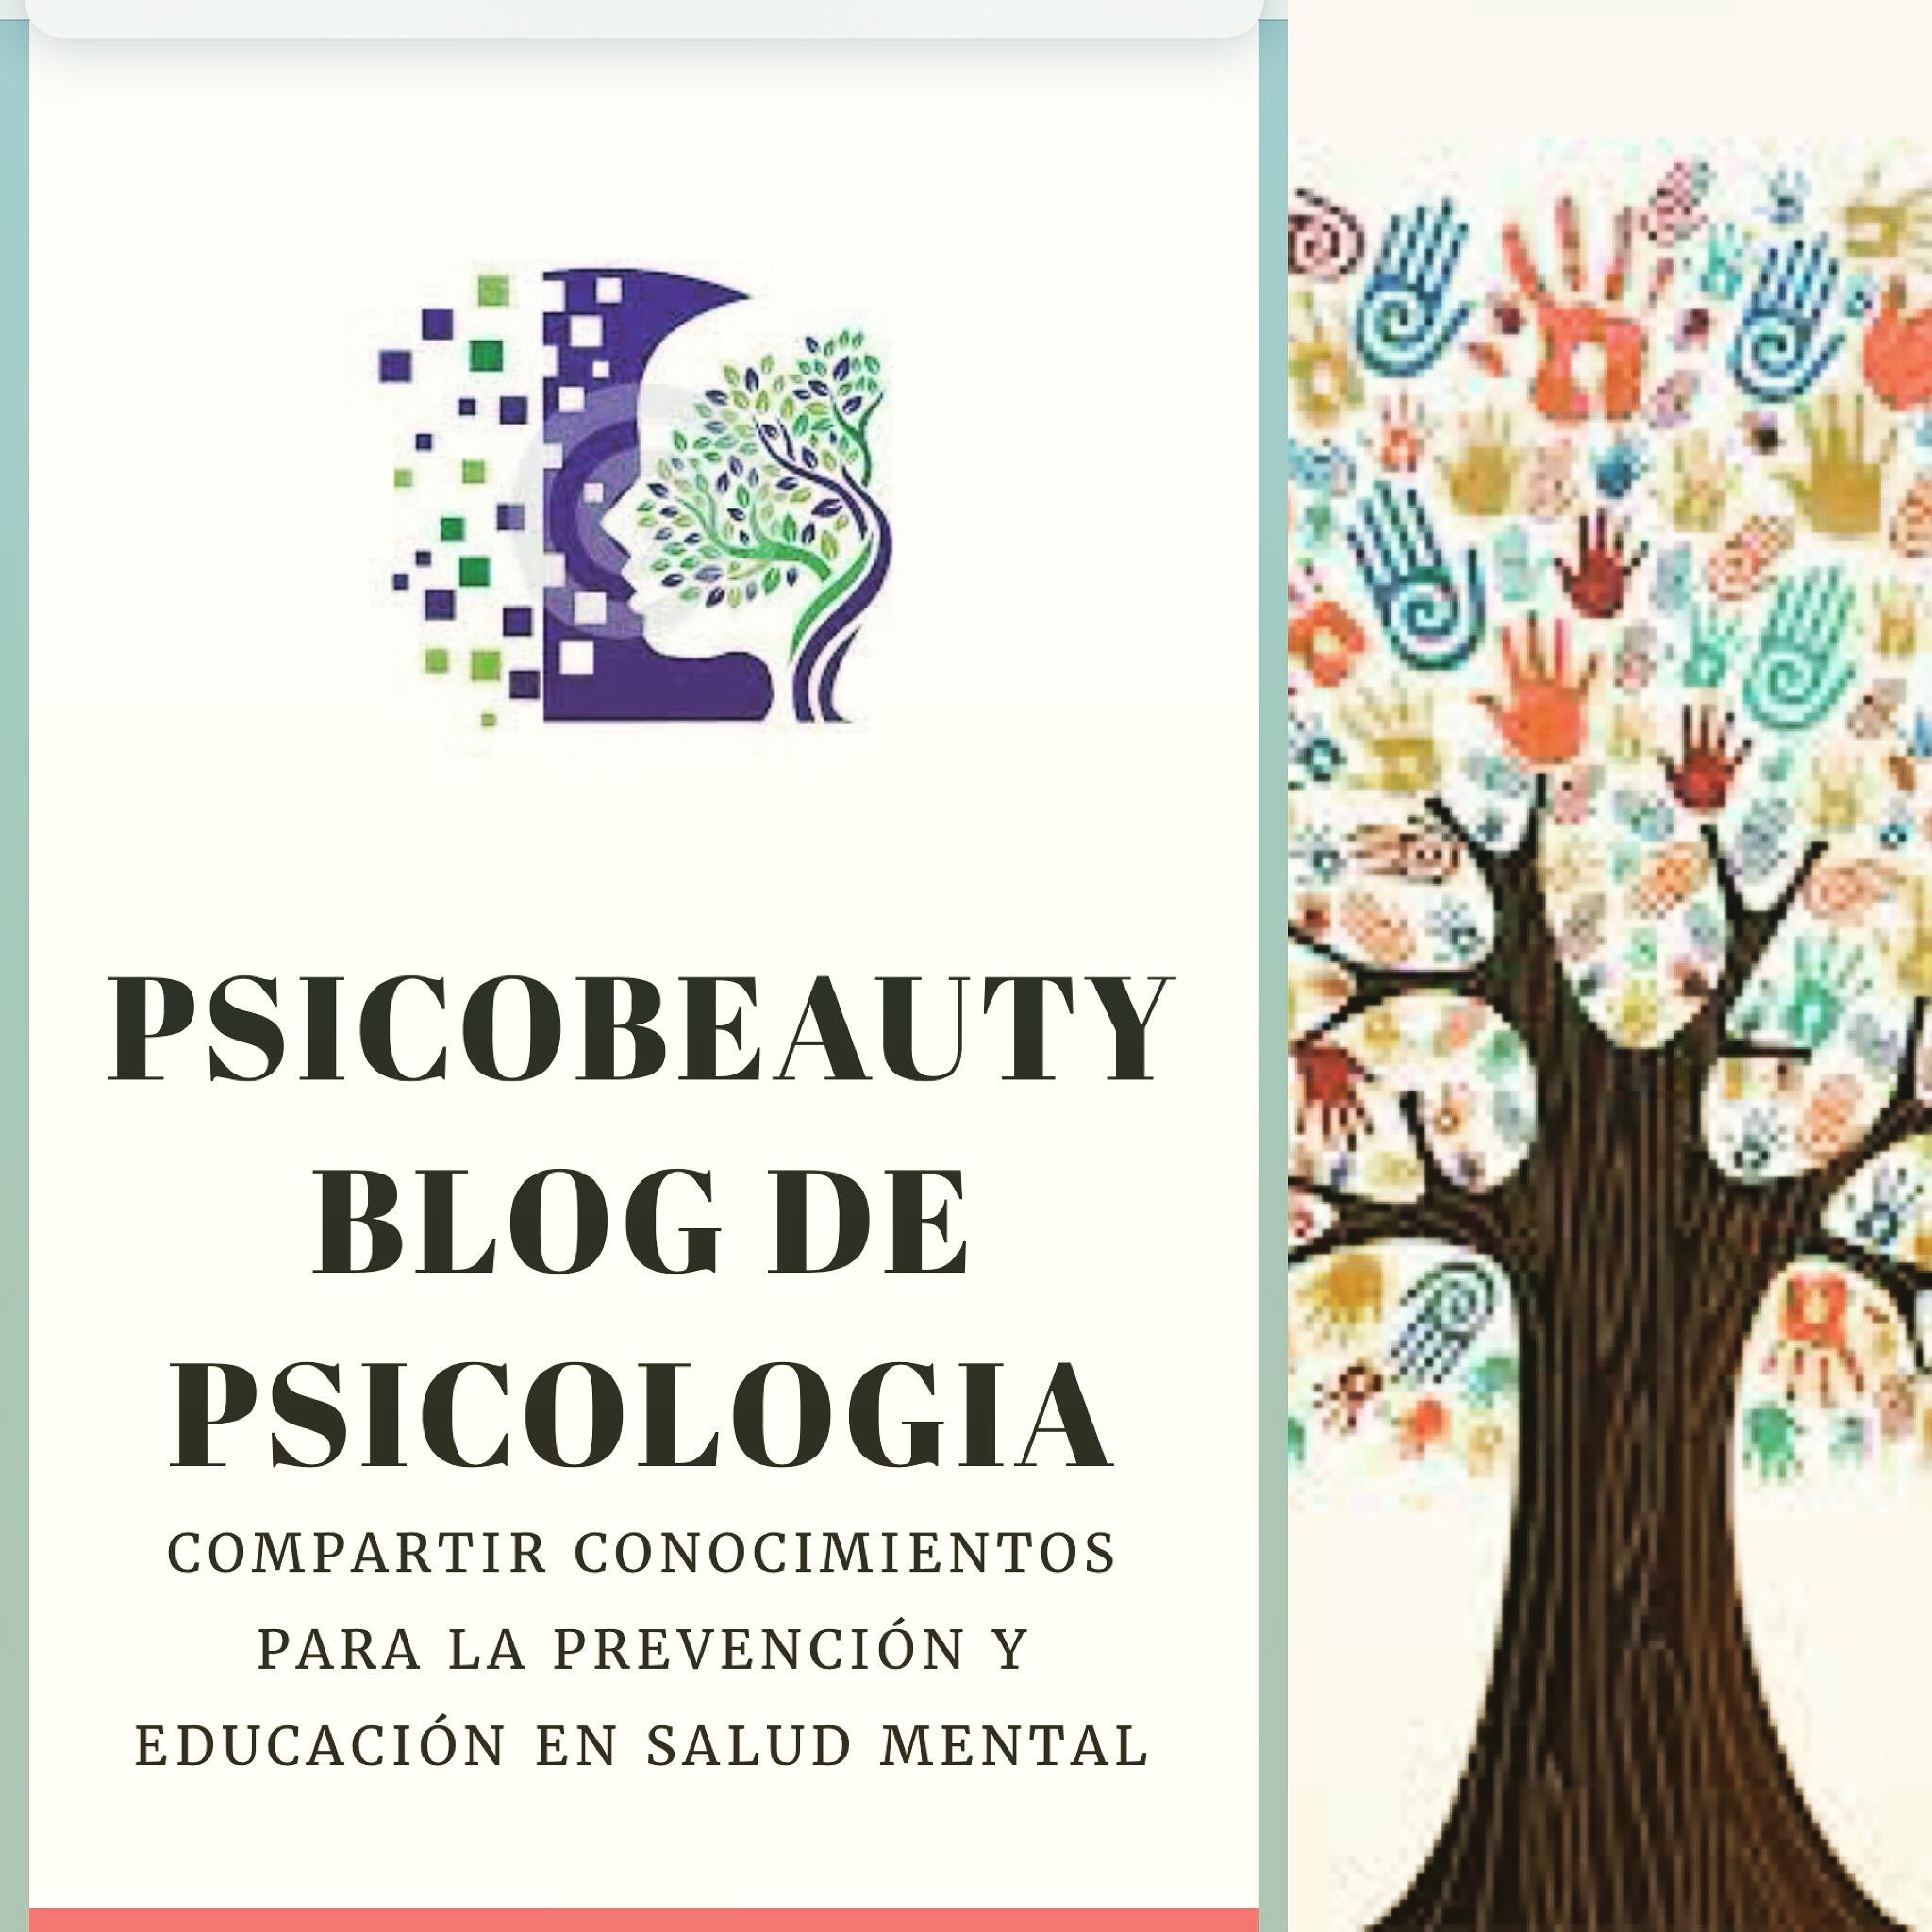 psicobeauty blog y asesoría psicológica